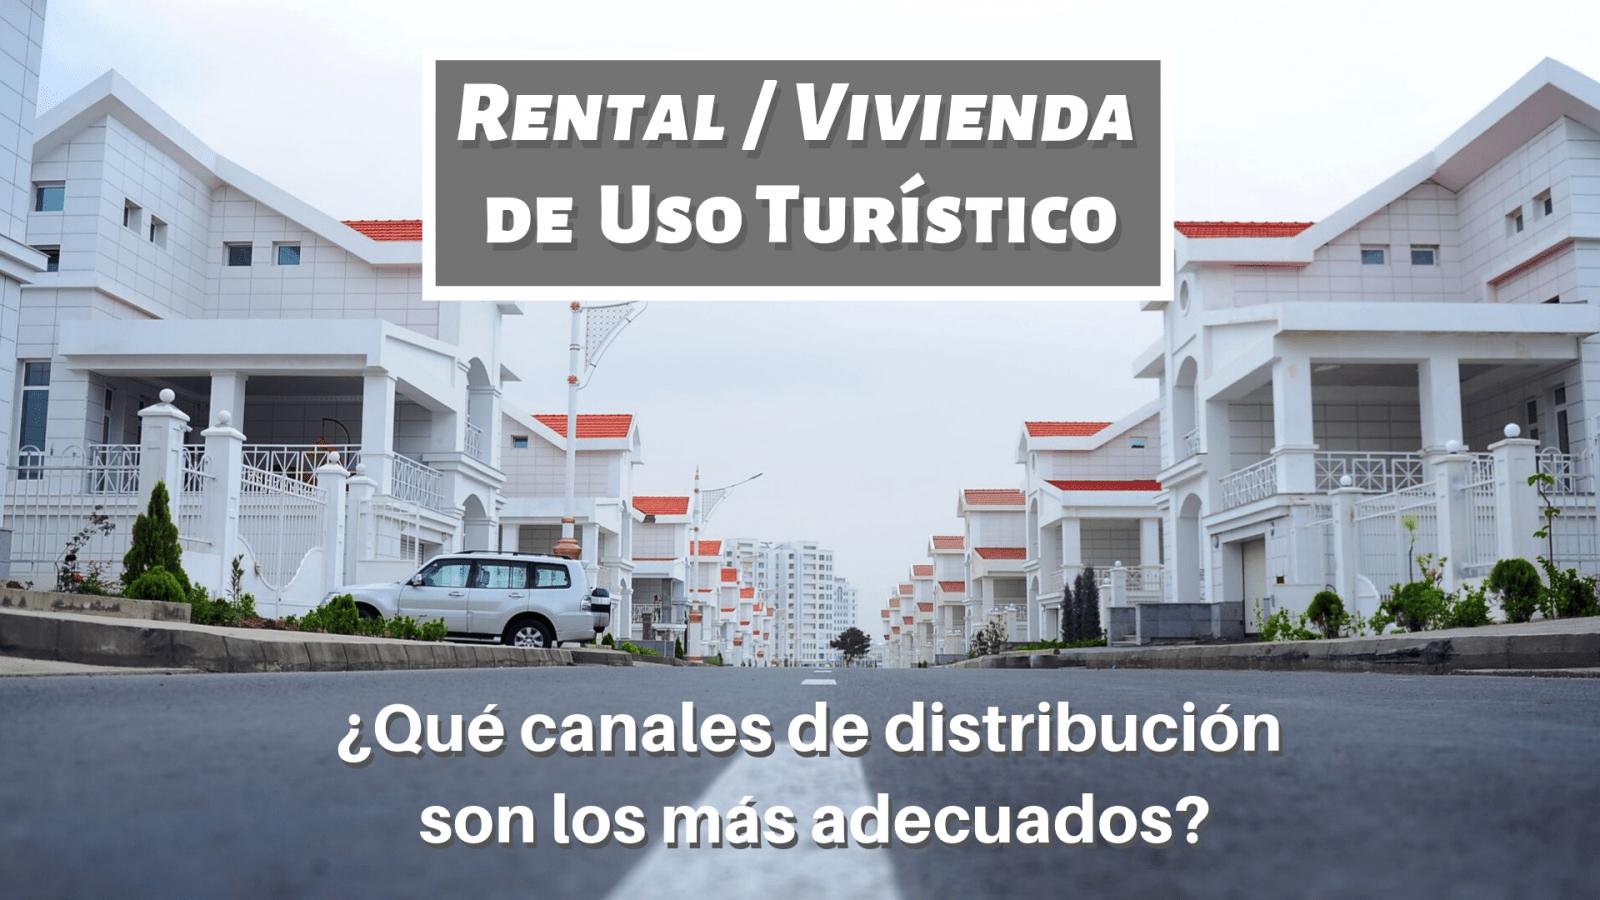 Qué canales de distribución son los más adecuados para distribuir tu Rental : Vivienda de Uso Turístico